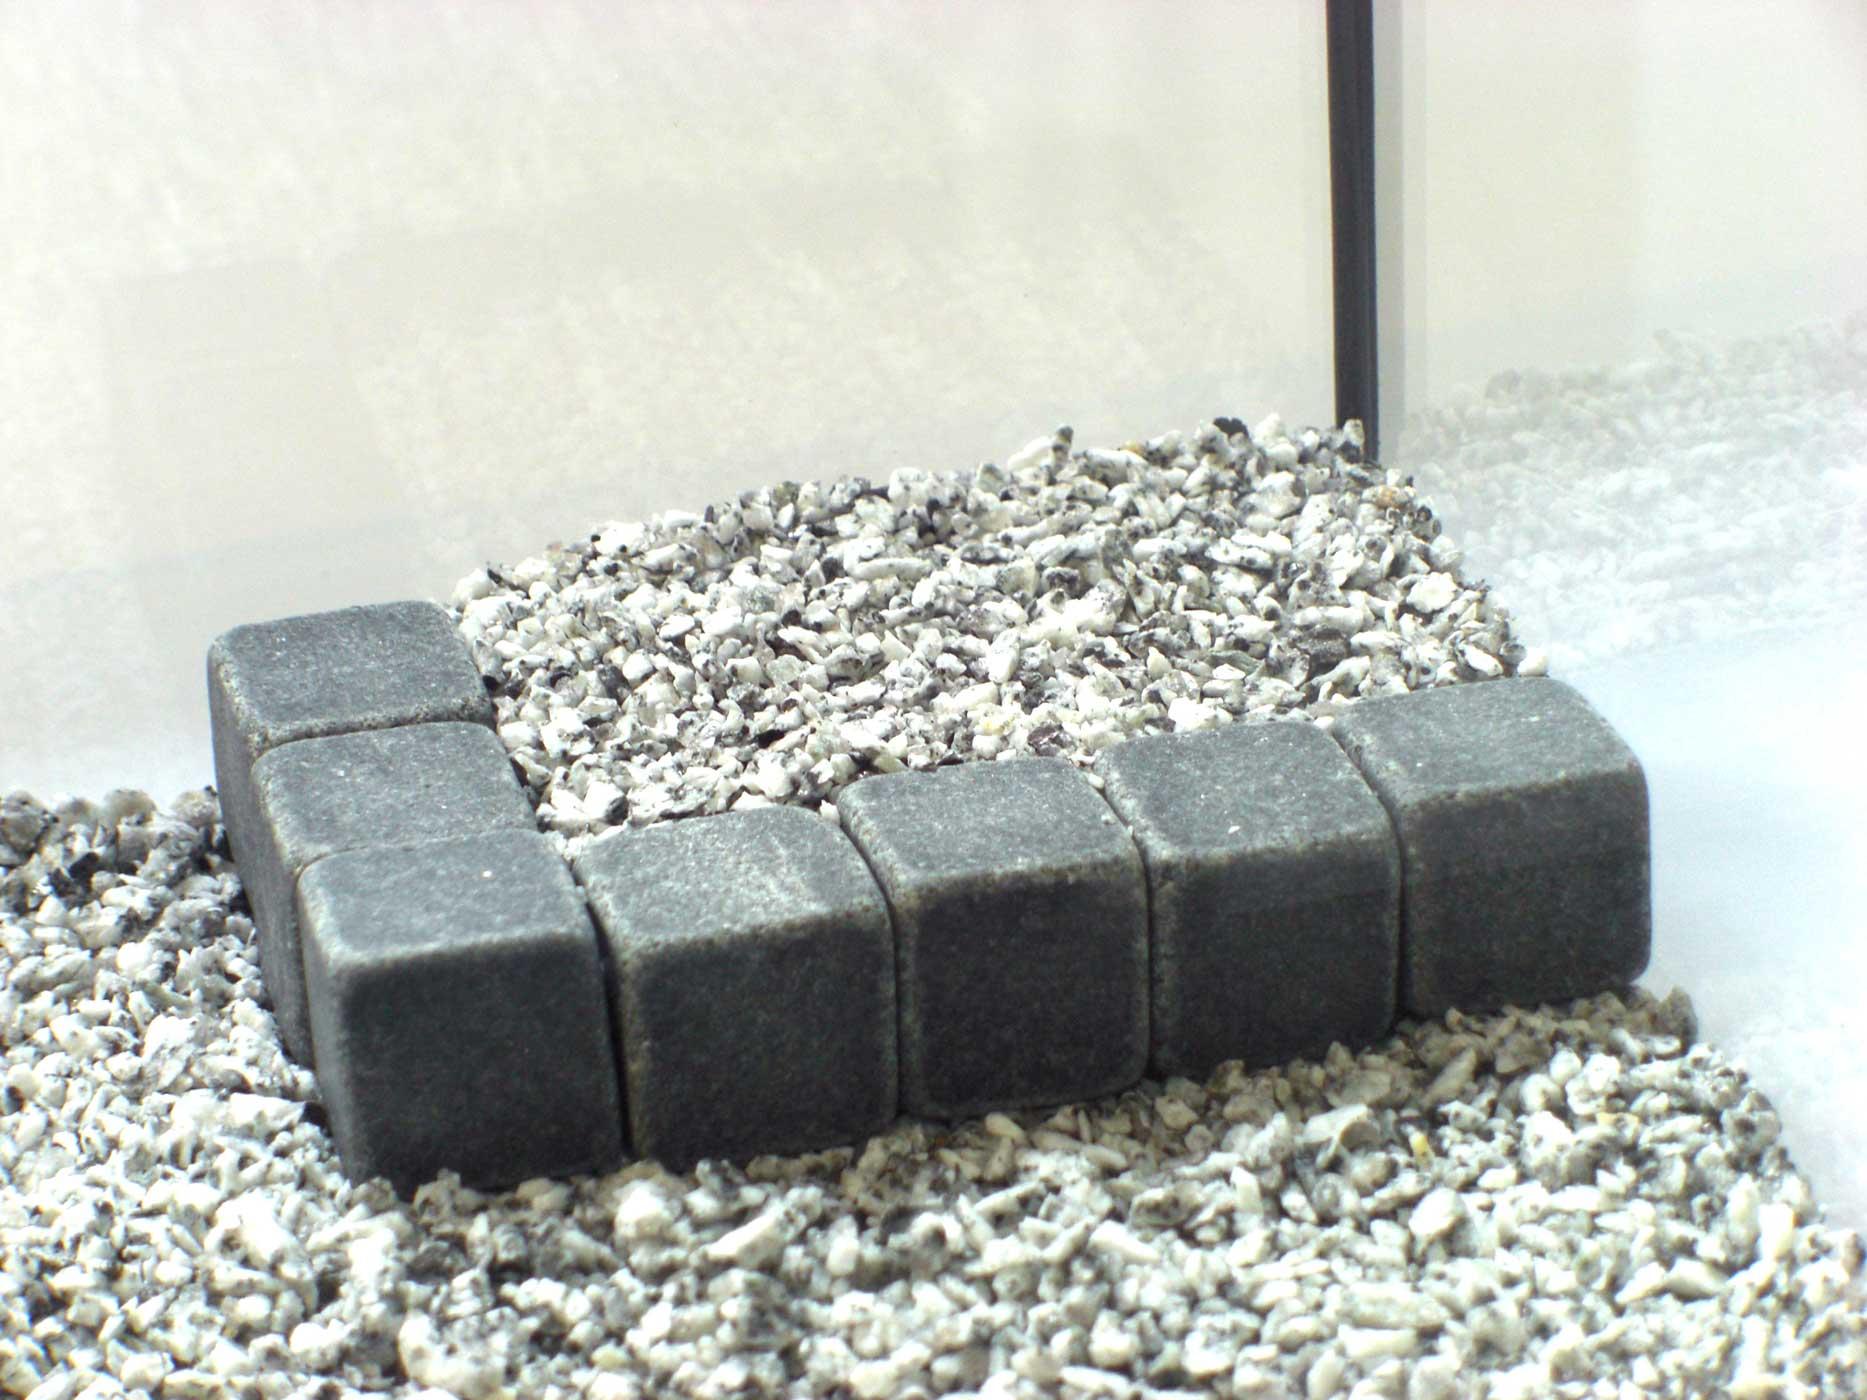 12 Nano Bricks Aquarium Deko Steine Gunstig Kaufen Im Naqua De Shop